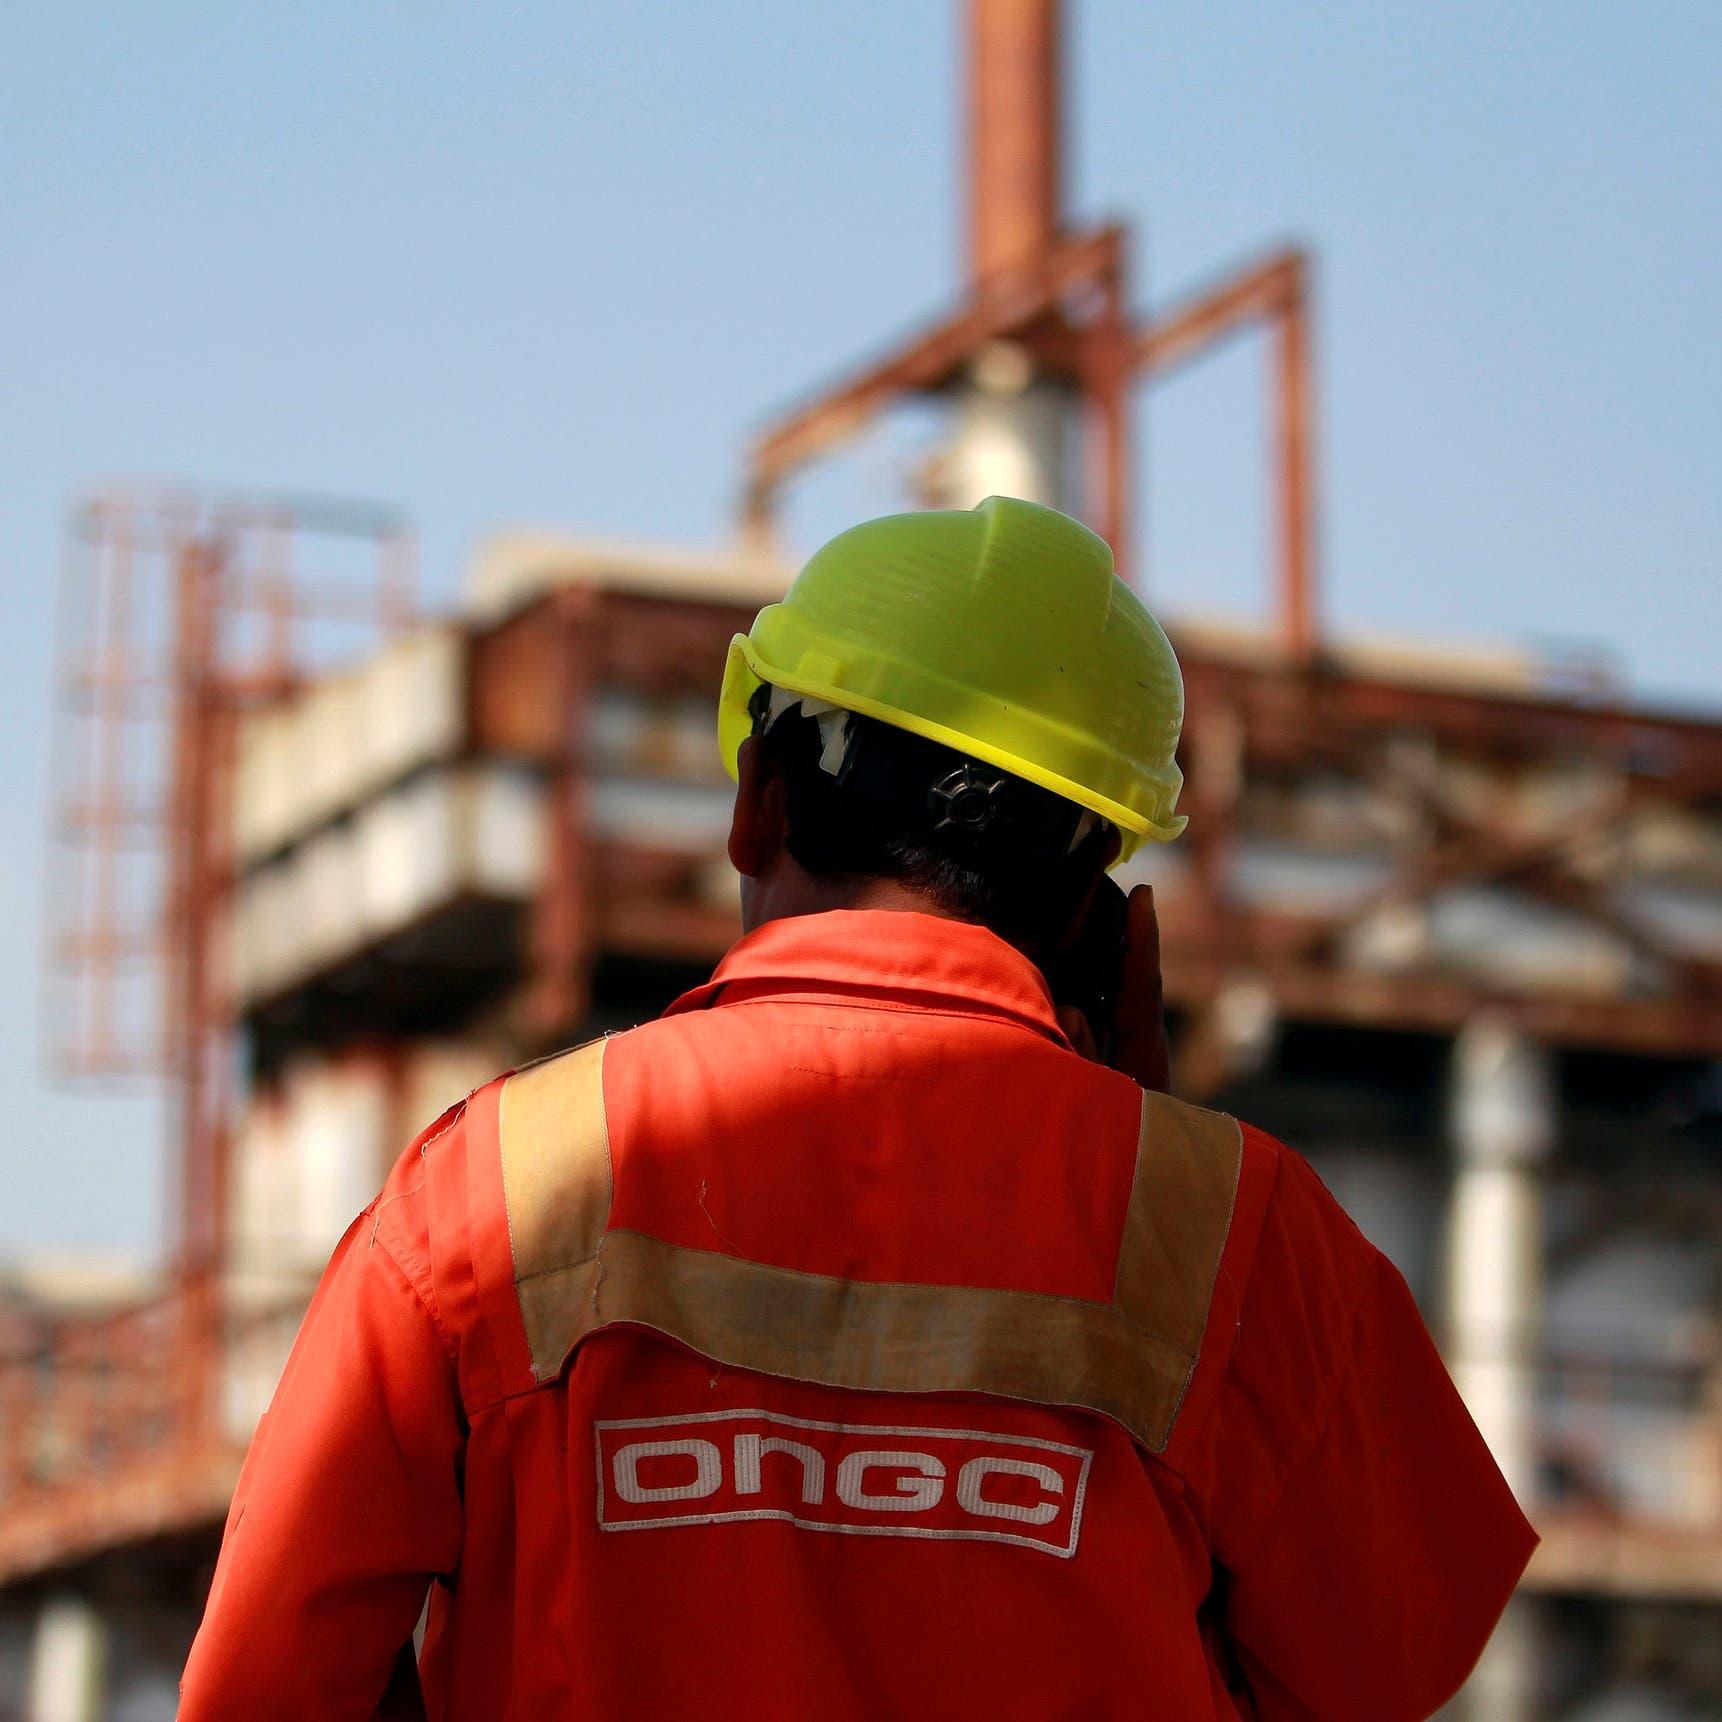 """أزمة كورونا في الهند تضغط على أسواق الطاقة.. """"برنت"""" يتراجع وسط مخاوف الطلب"""